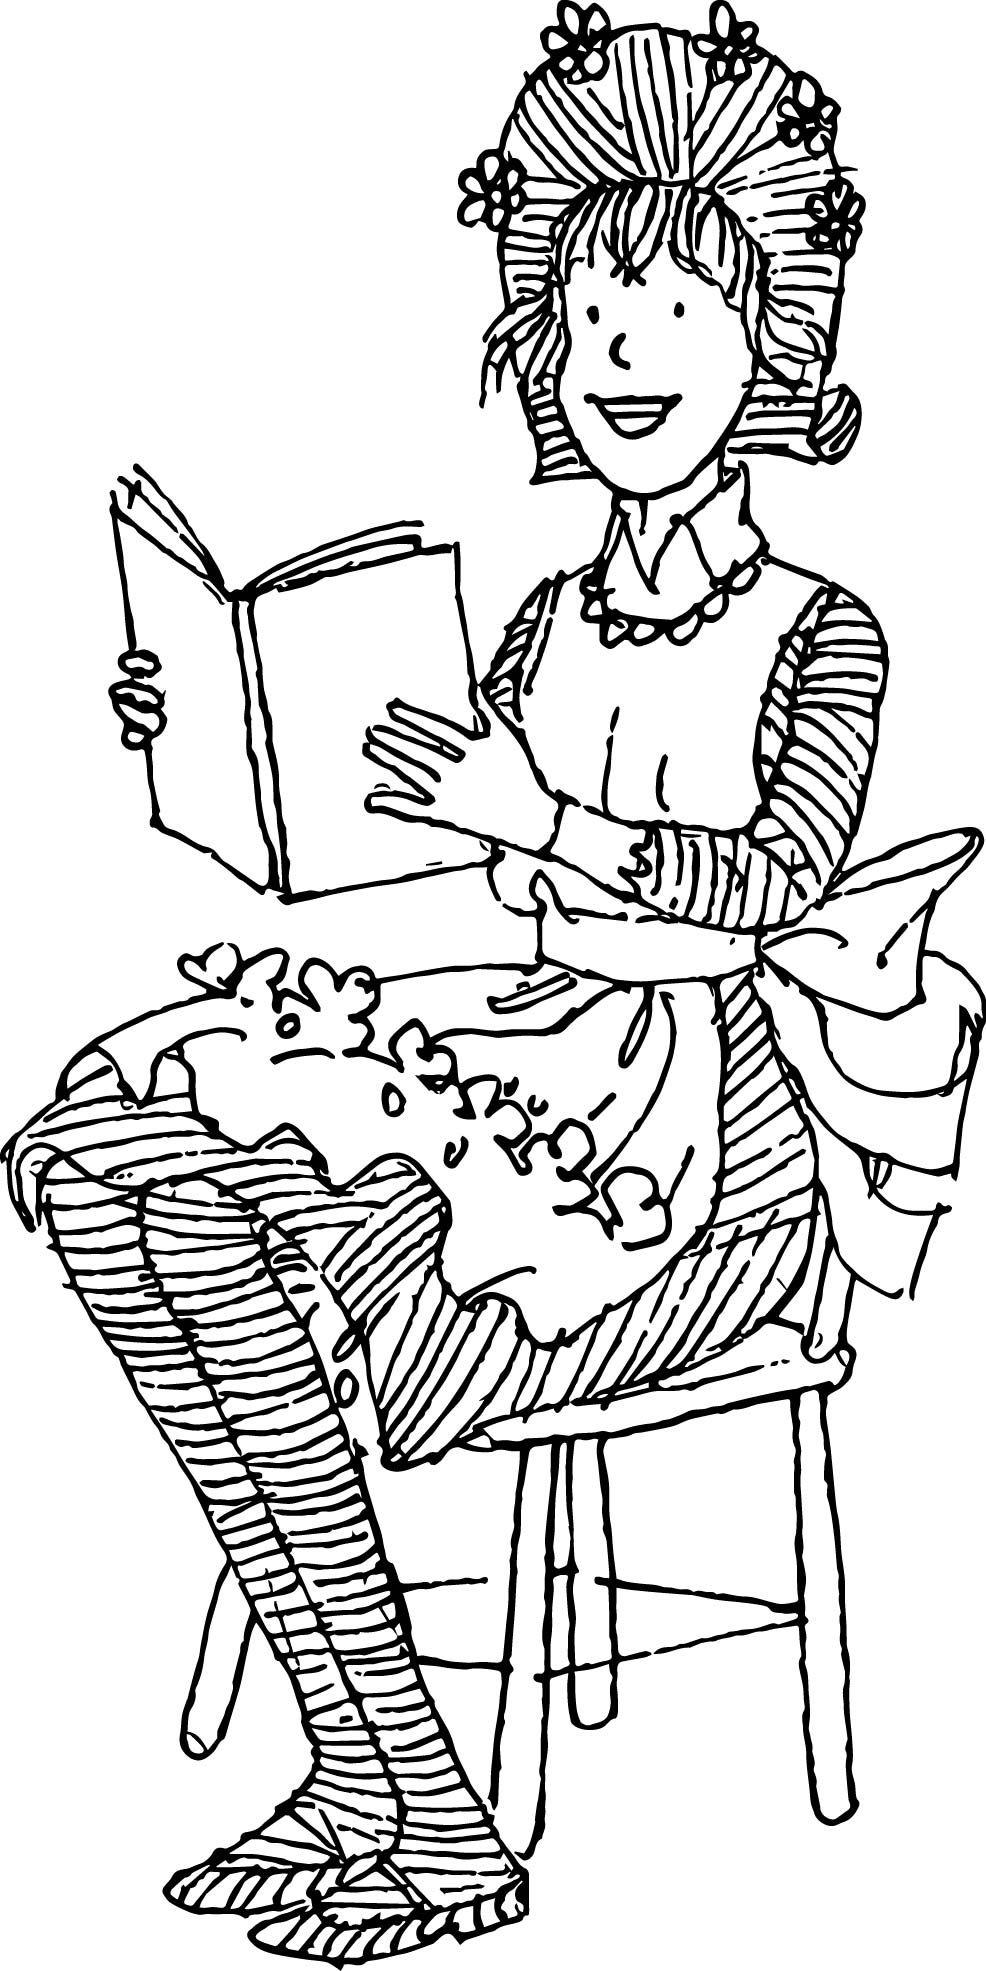 Nice Amelia Bedelia Reading Book Coloring Page Coloring Pages Coloring Books Amelia Bedelia